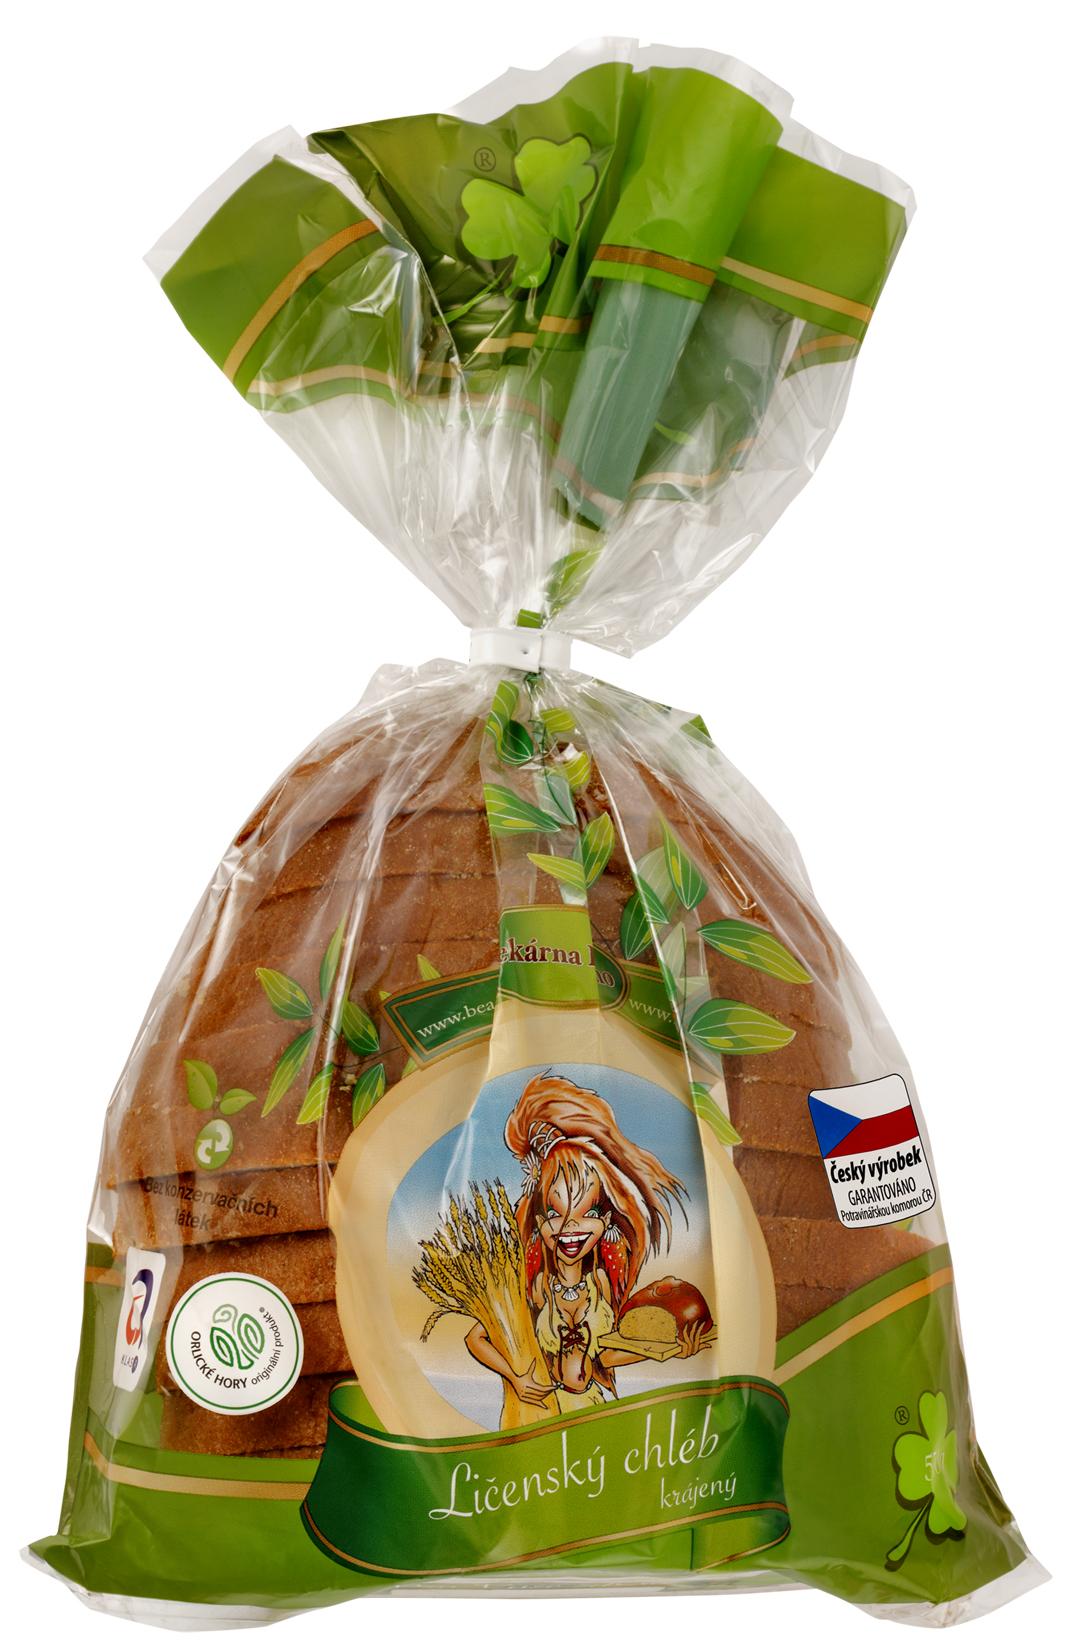 Značka Beas chléb krájený půl